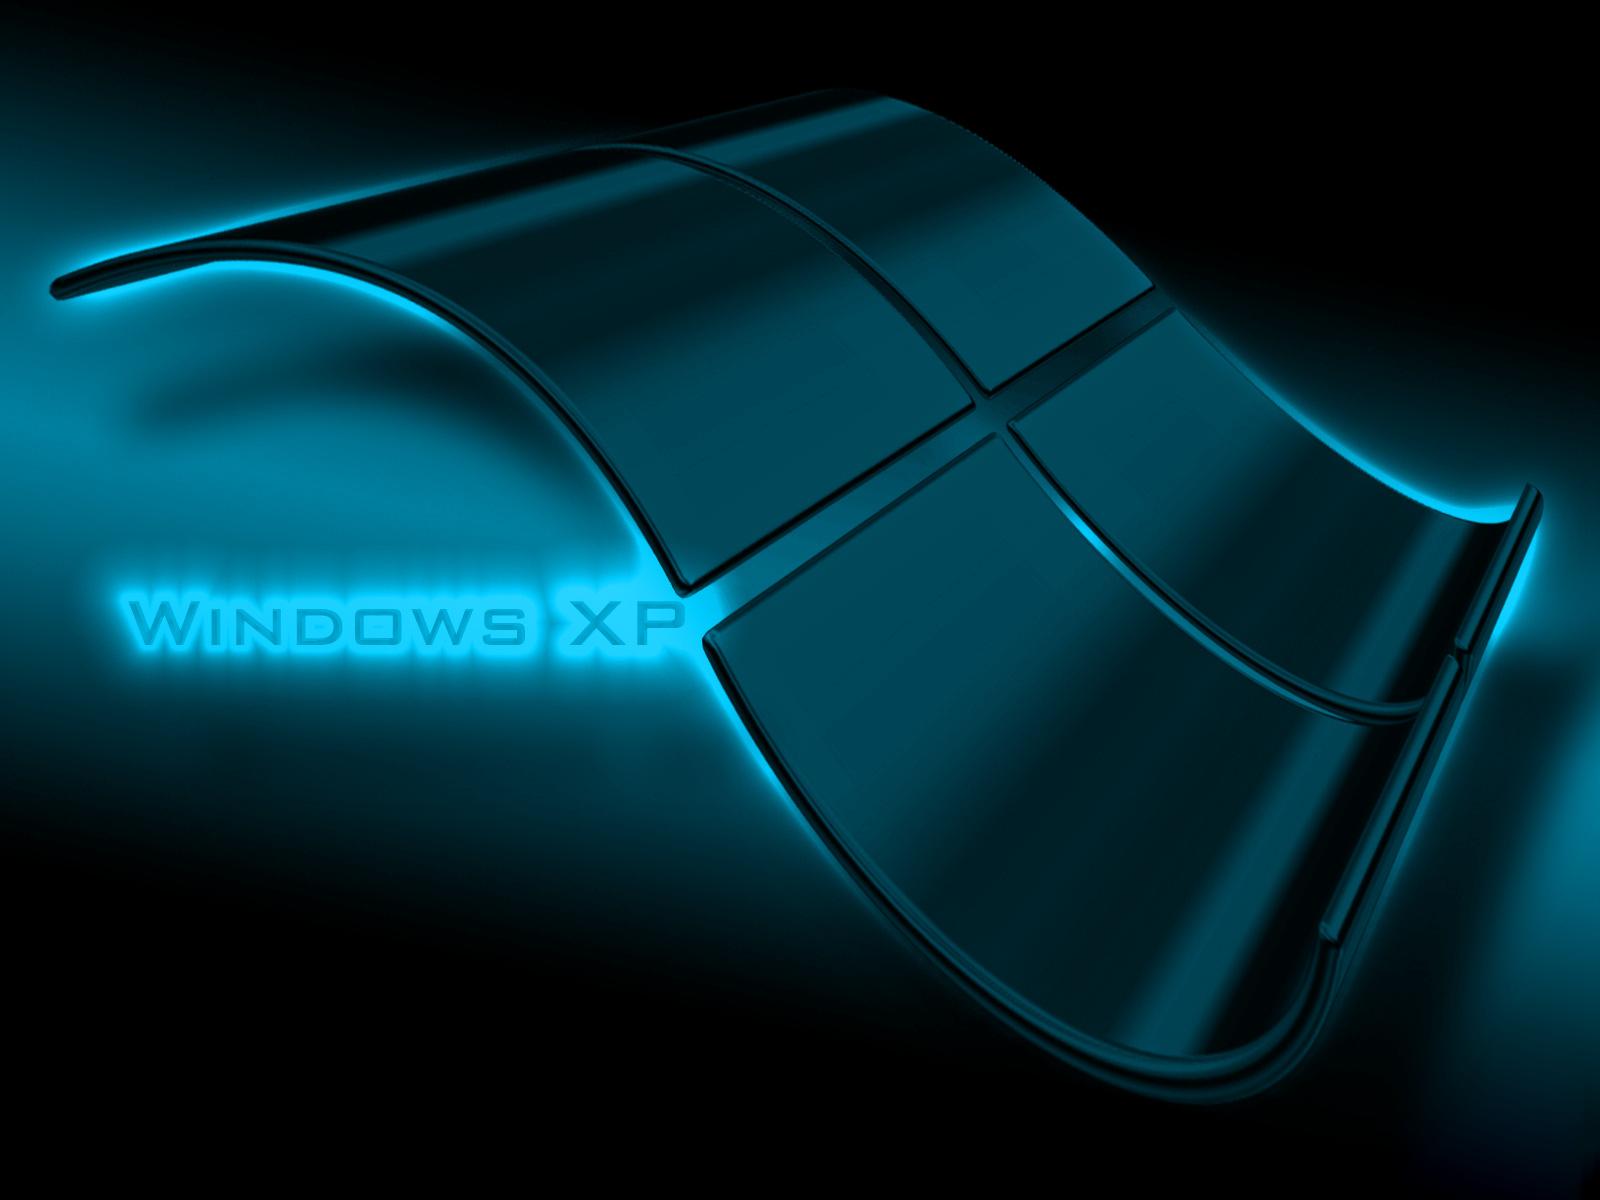 http://3.bp.blogspot.com/-AnXuuUQ6xOk/TqPW6jChFxI/AAAAAAAAABI/eIh2k-w-Bww/s1600/wallpaper%2Bfor%2Bdesktop%2Bfree%2B13.jpg